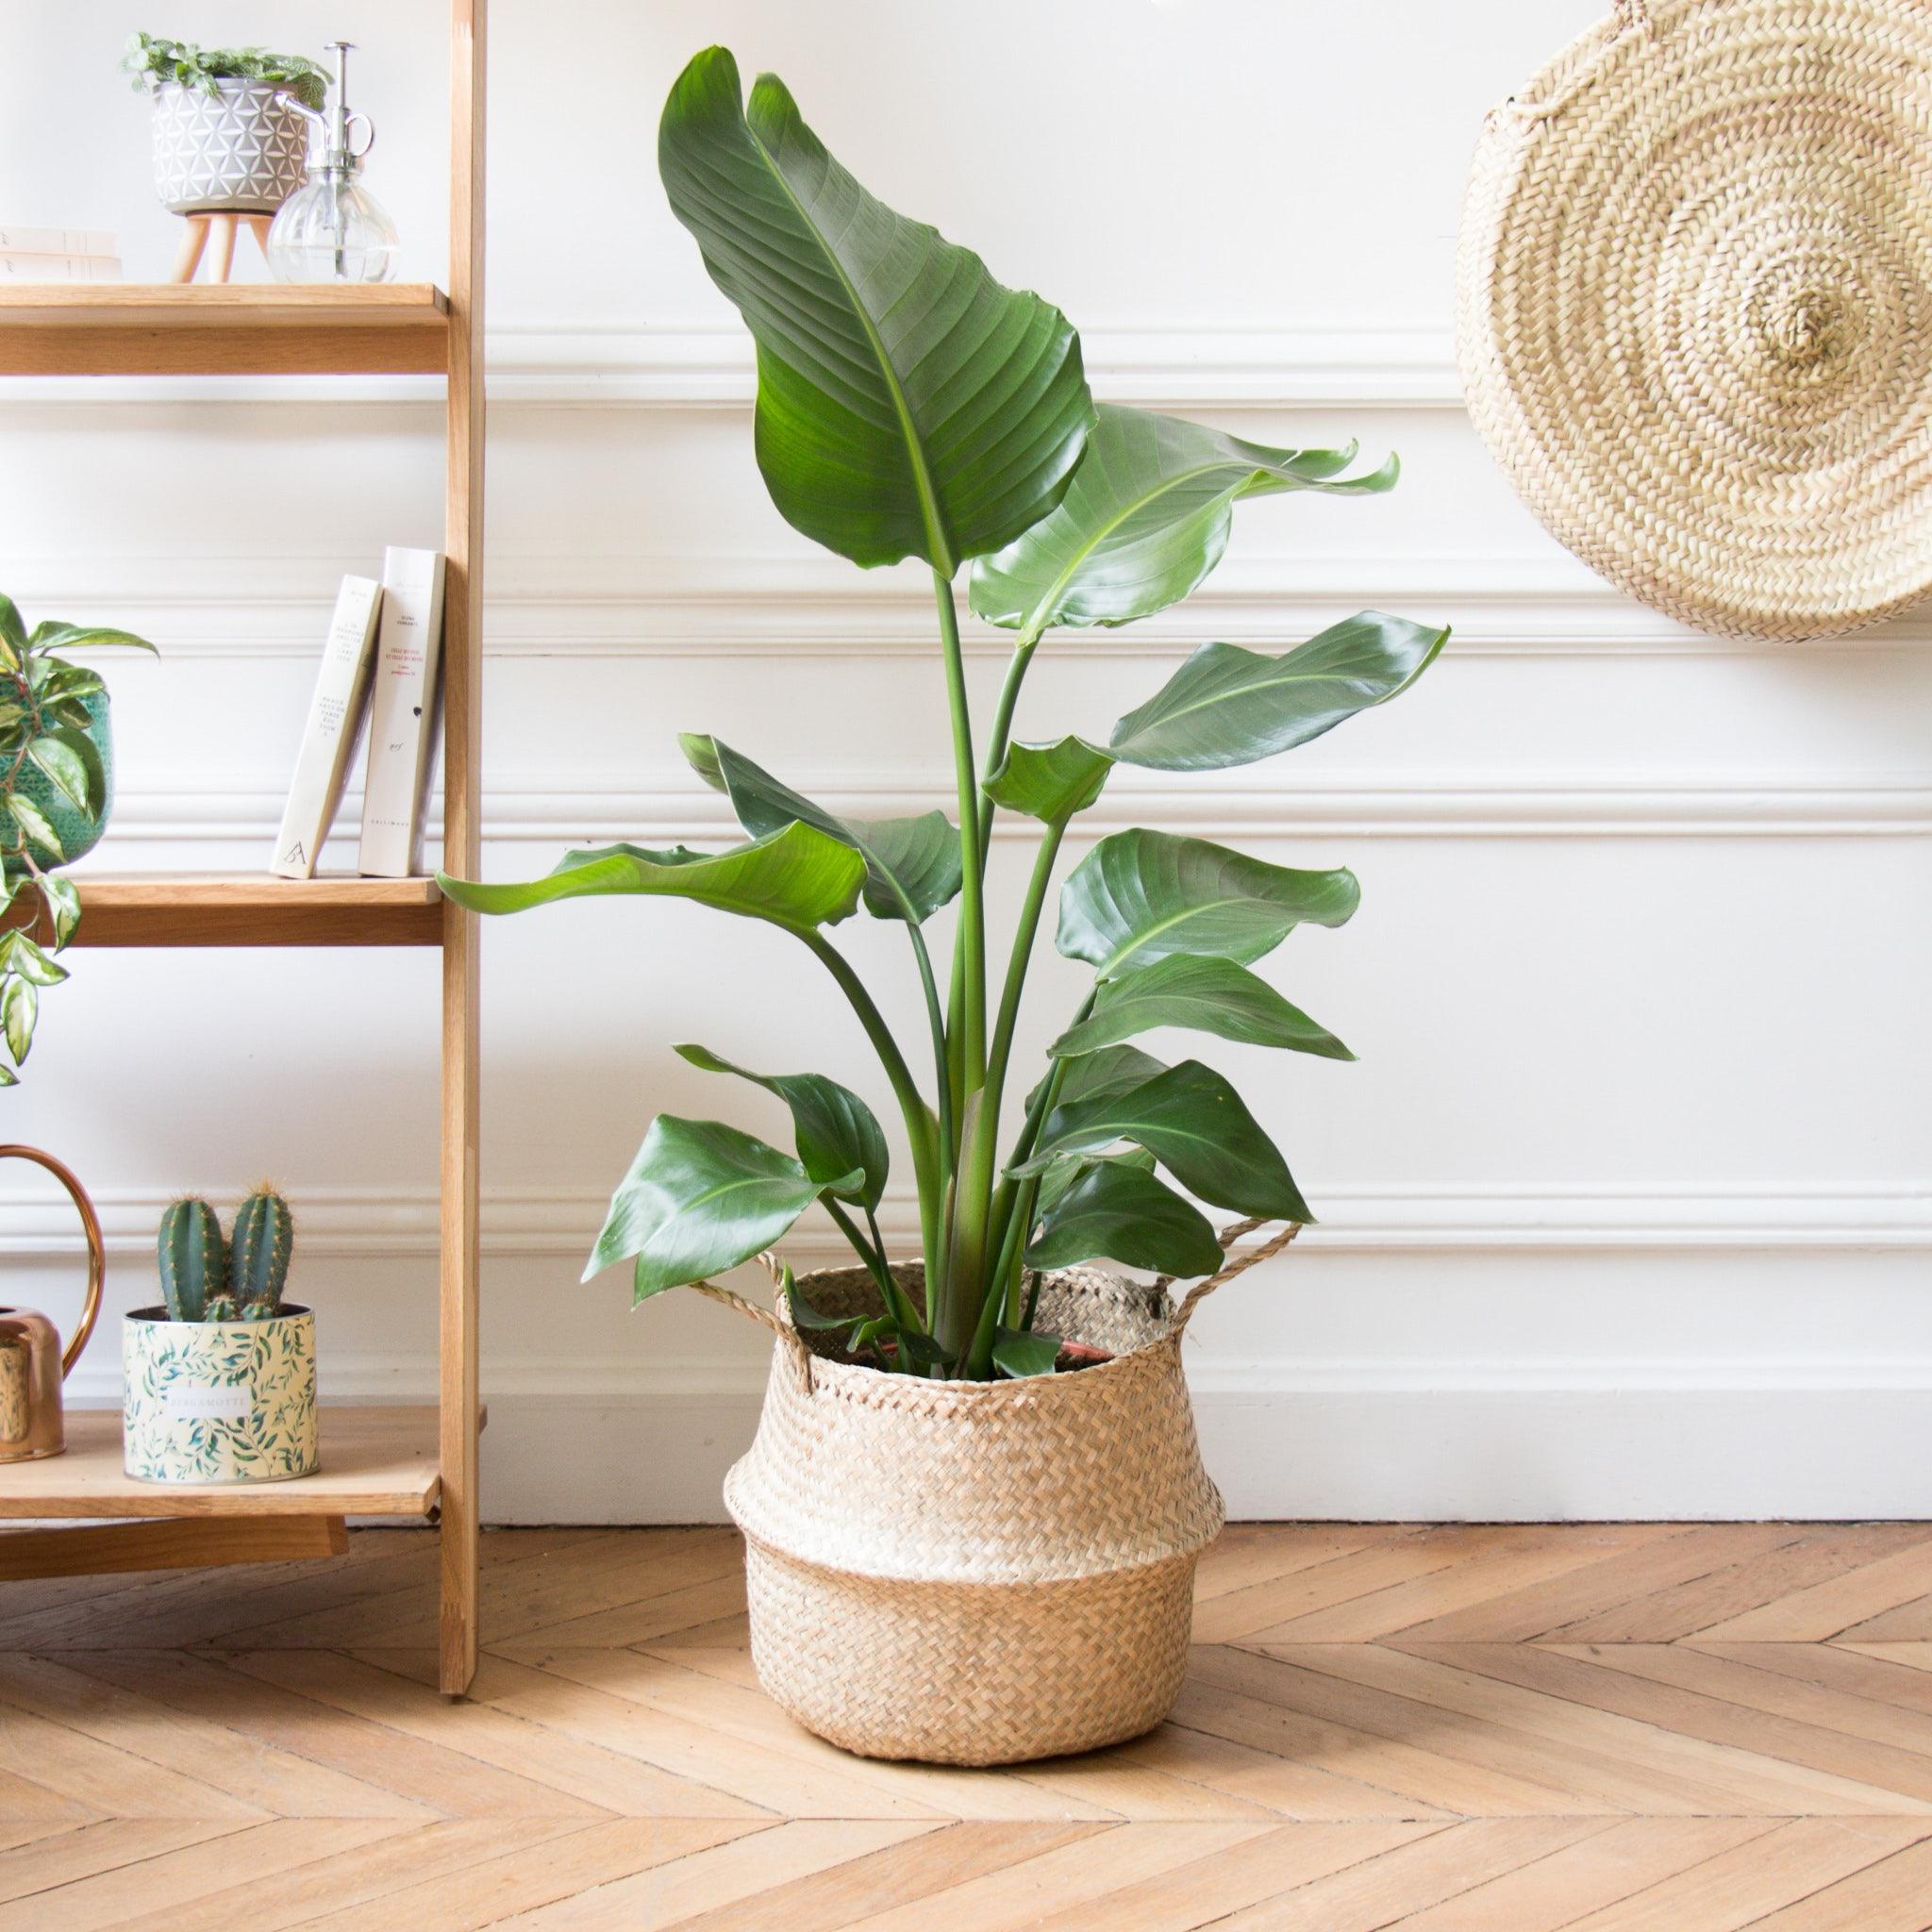 Strelitzia plante verte salon décoration d'intérieur